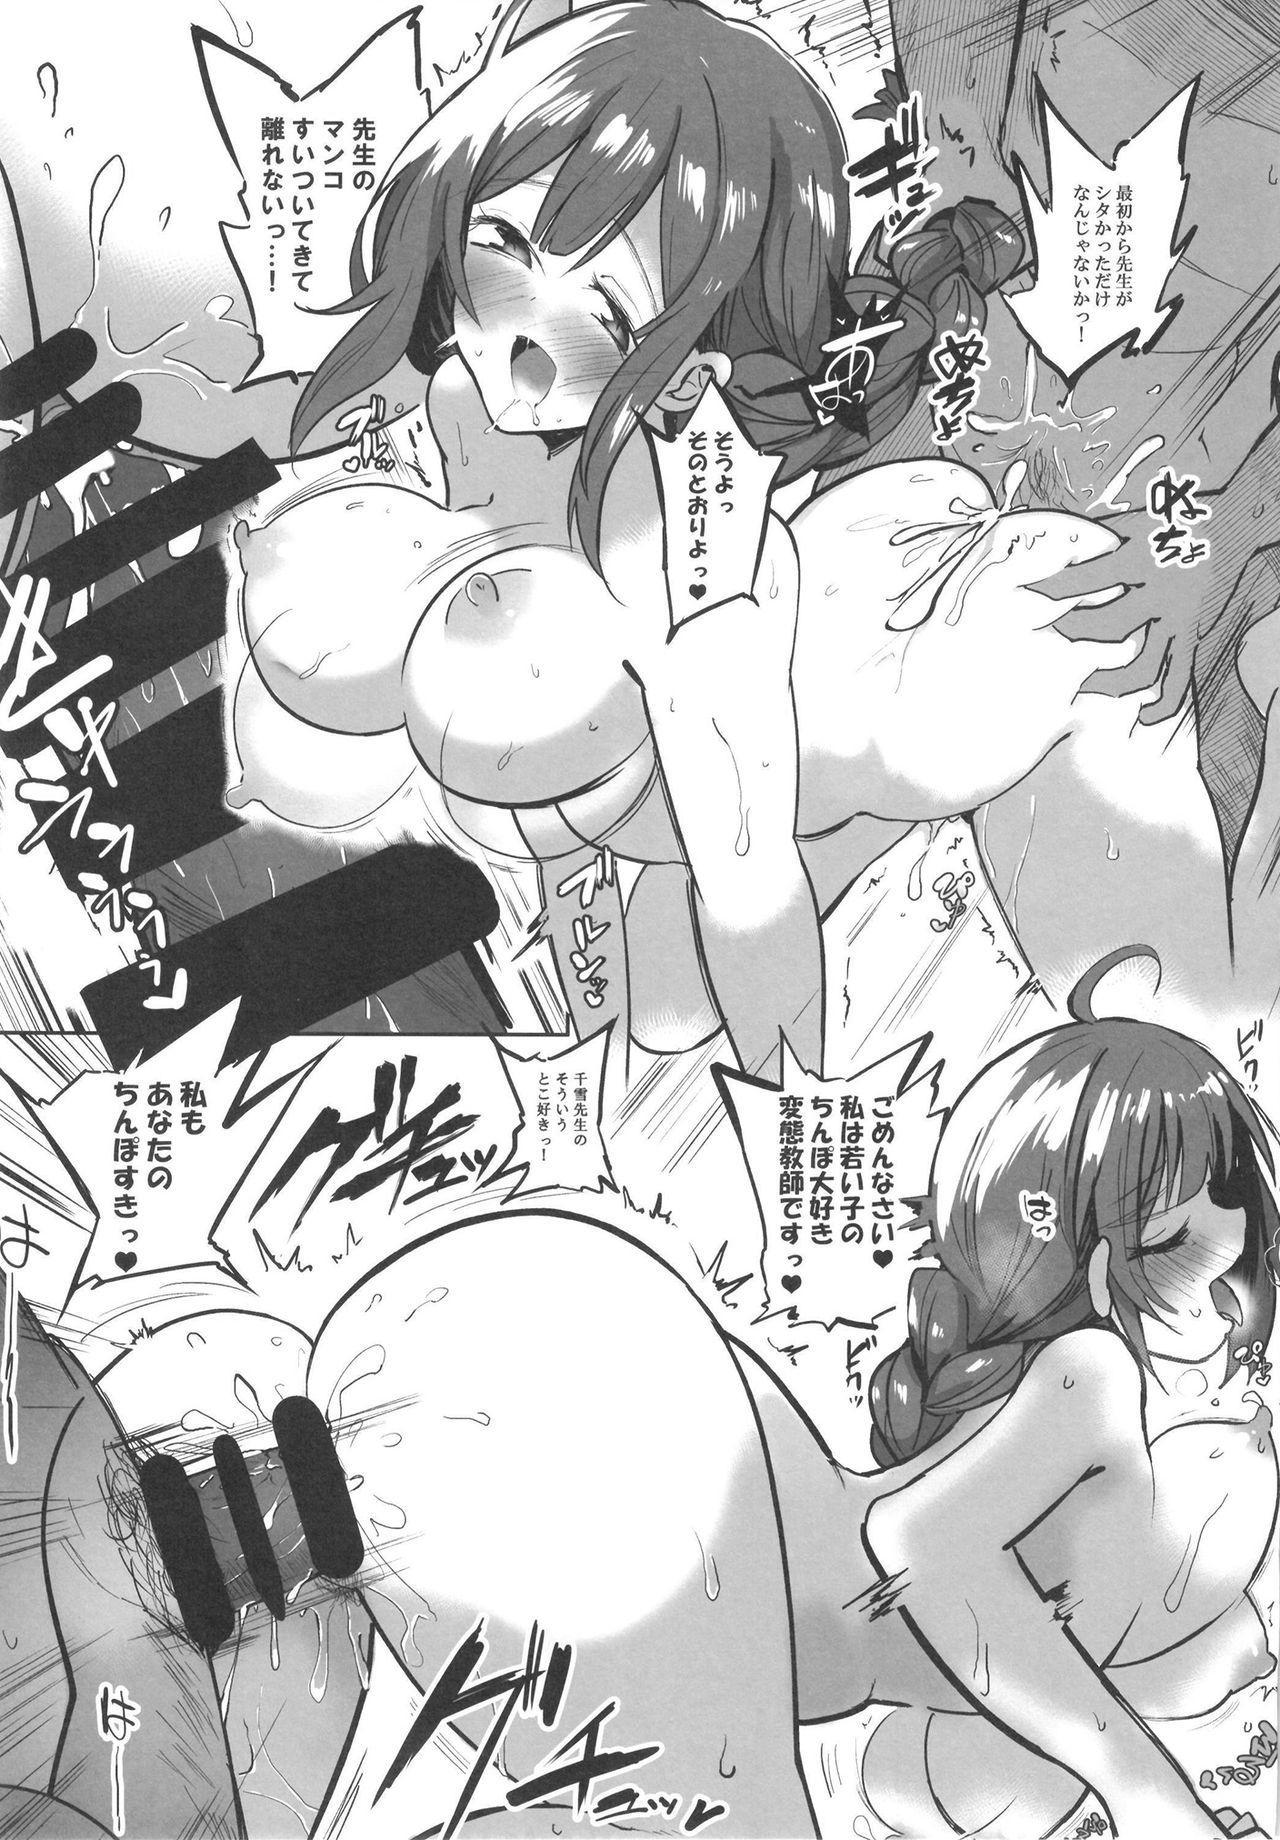 Yasashiku Oshiete! Oppai Katei Kyoushi no Chiyuki Sensei!!! 18